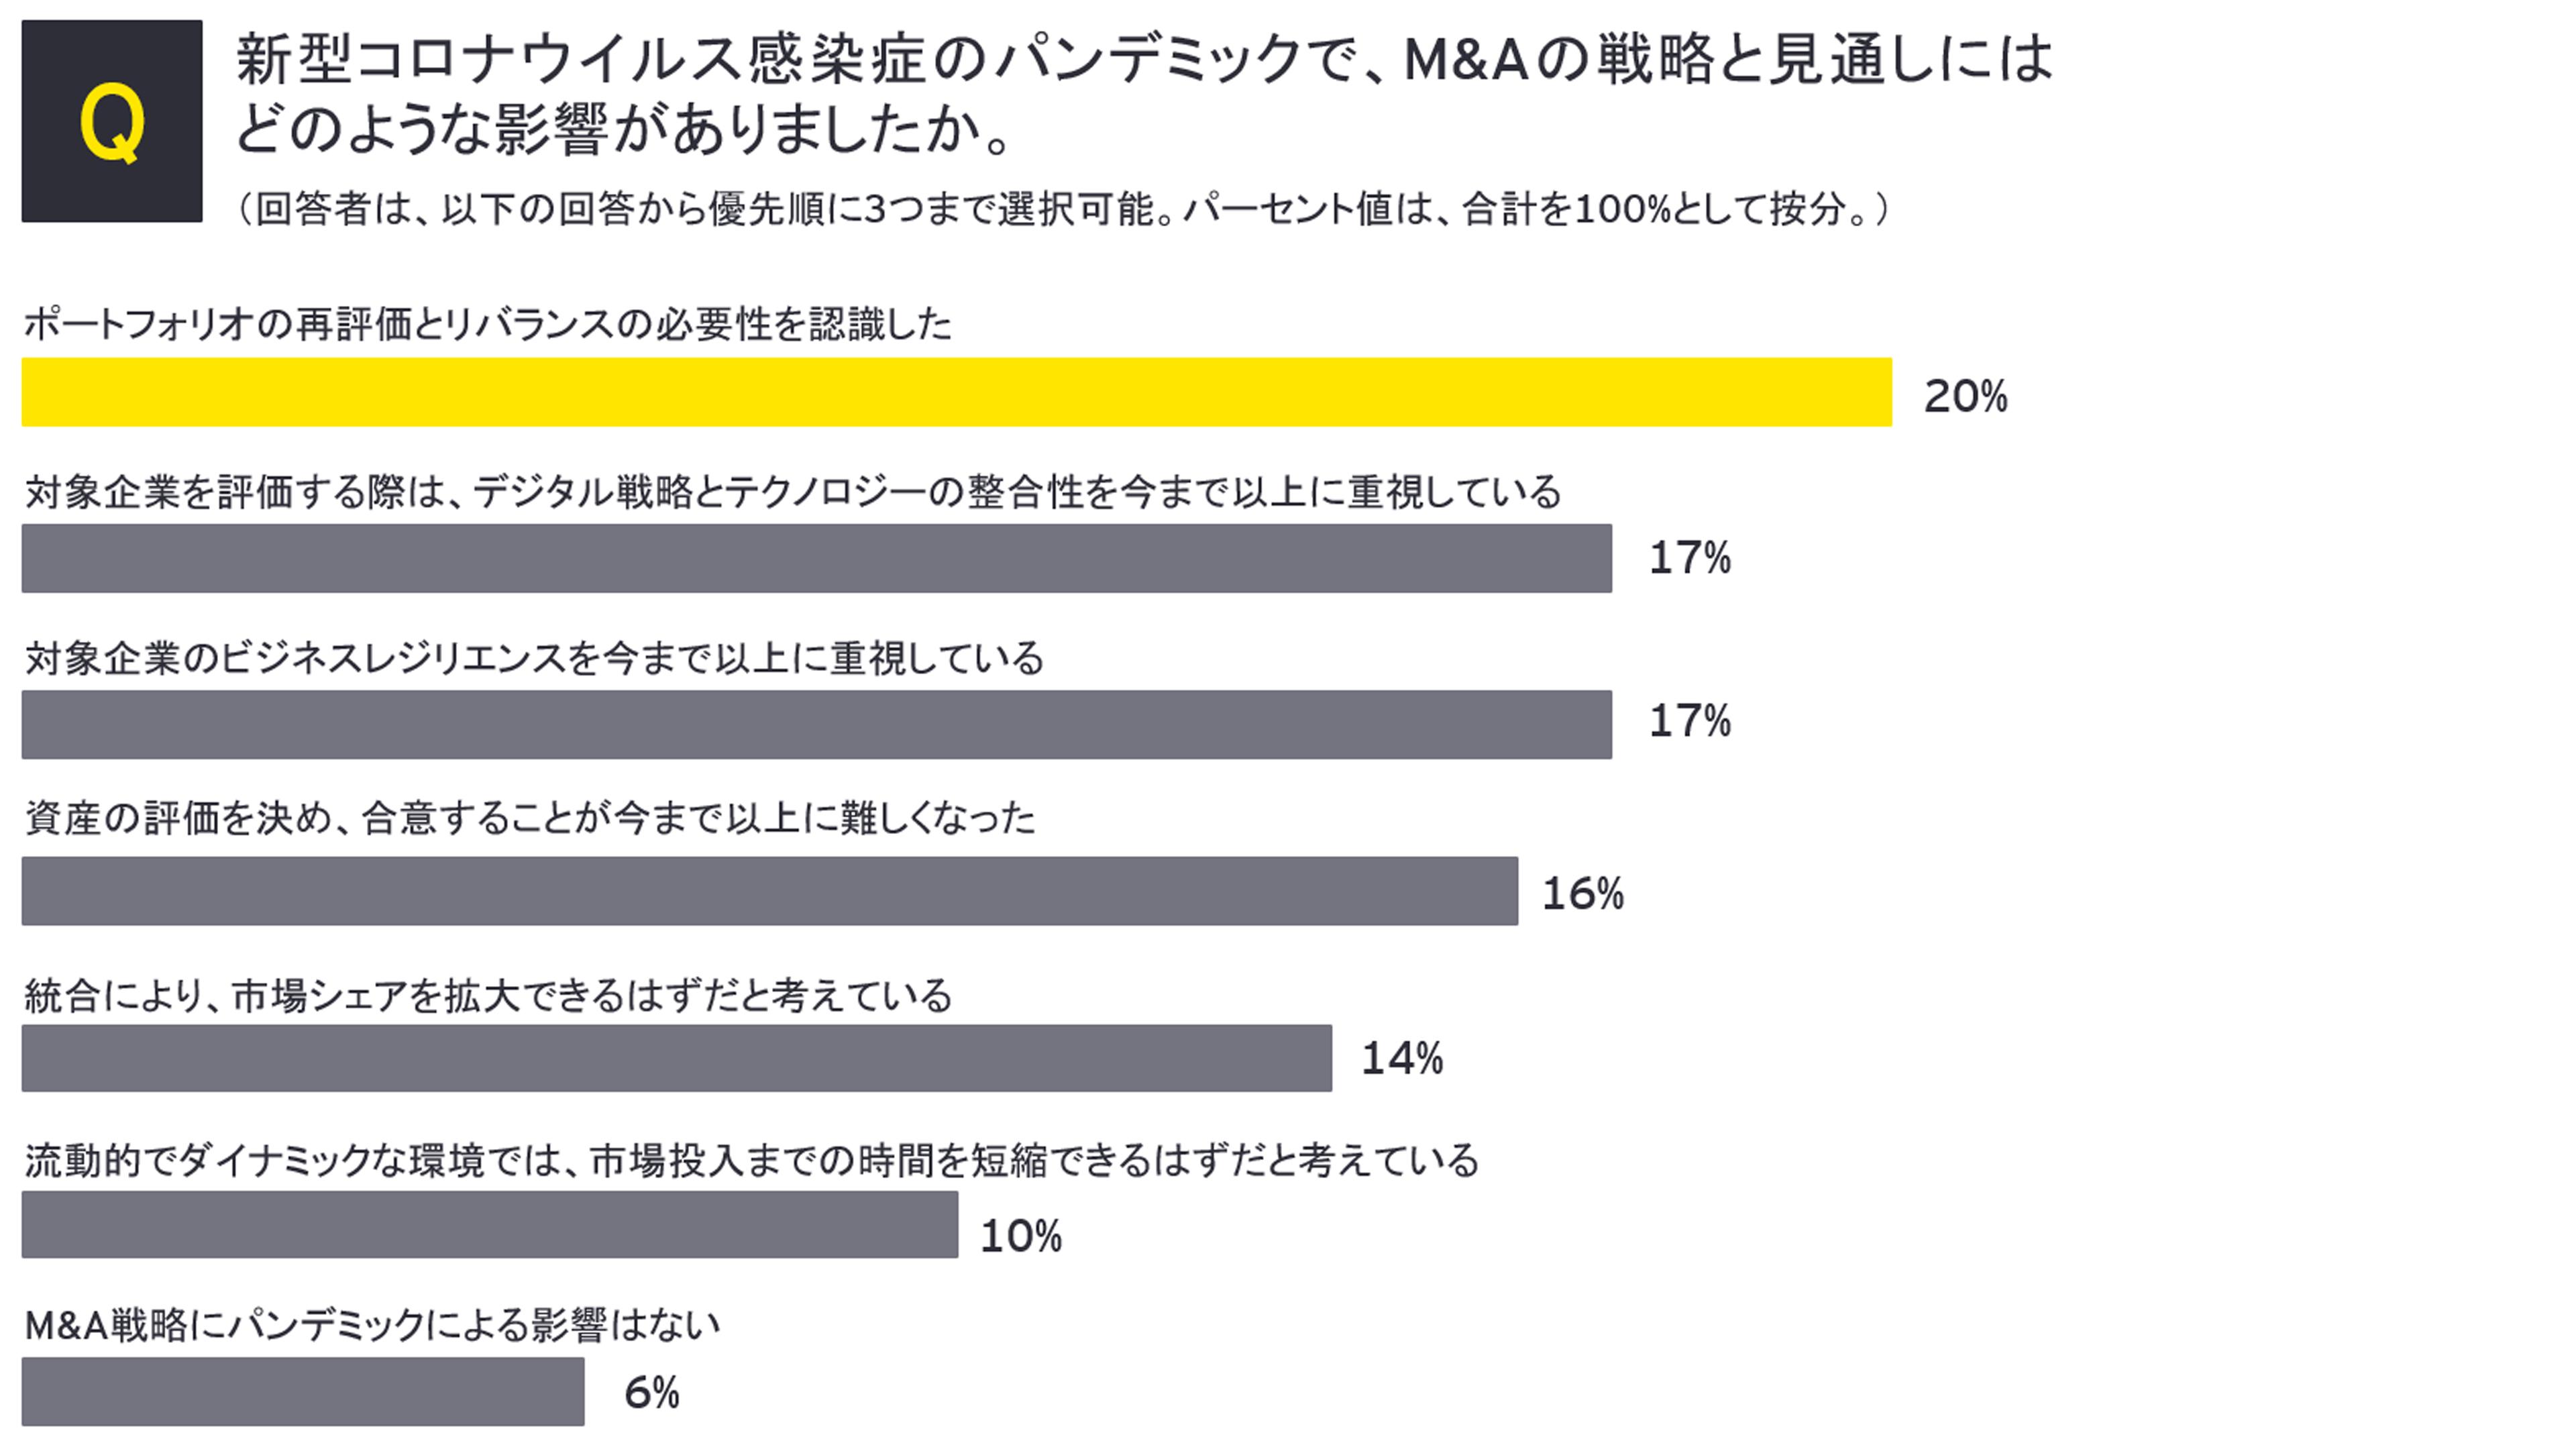 M&A調査:パンデミックがM&A戦略と展望にどのような影響を及ぼしたか